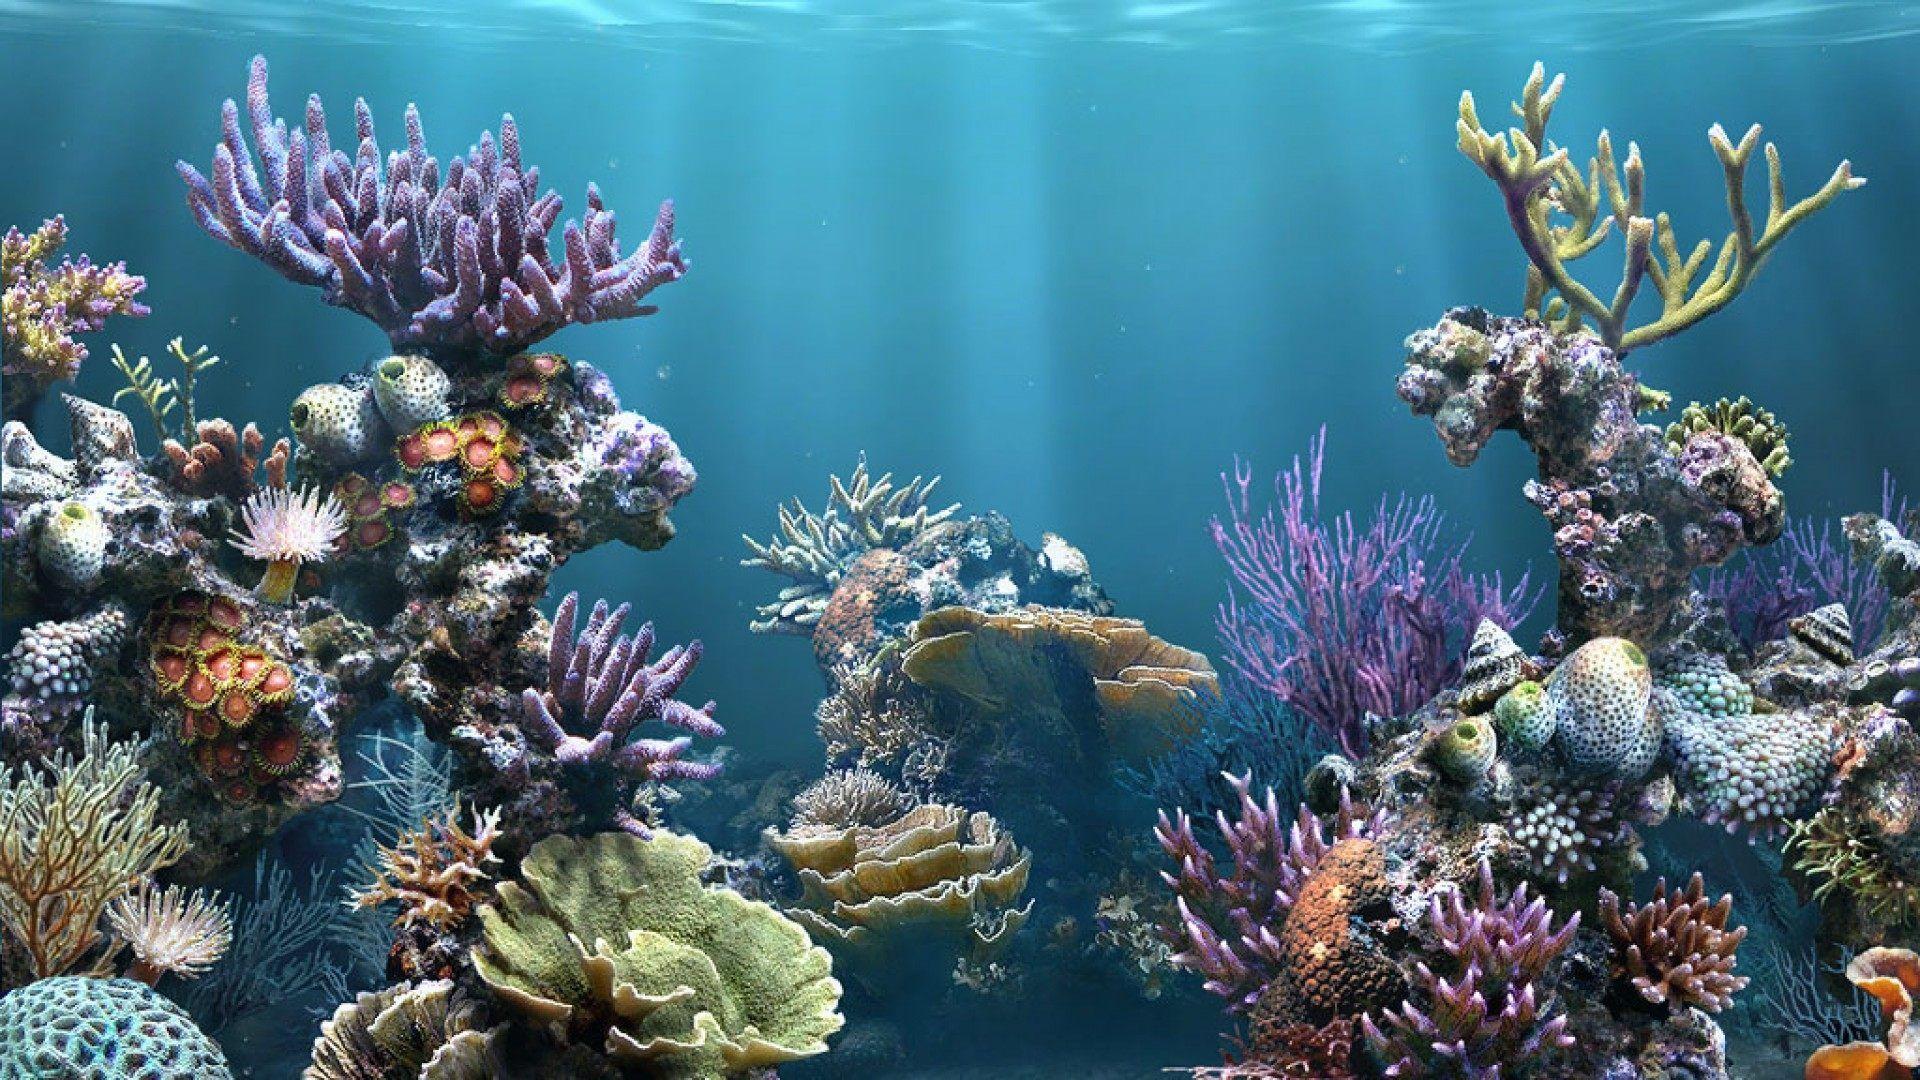 Fondo Marino Arrecifes De Coral Fondo De Pecera Fondo De Mar